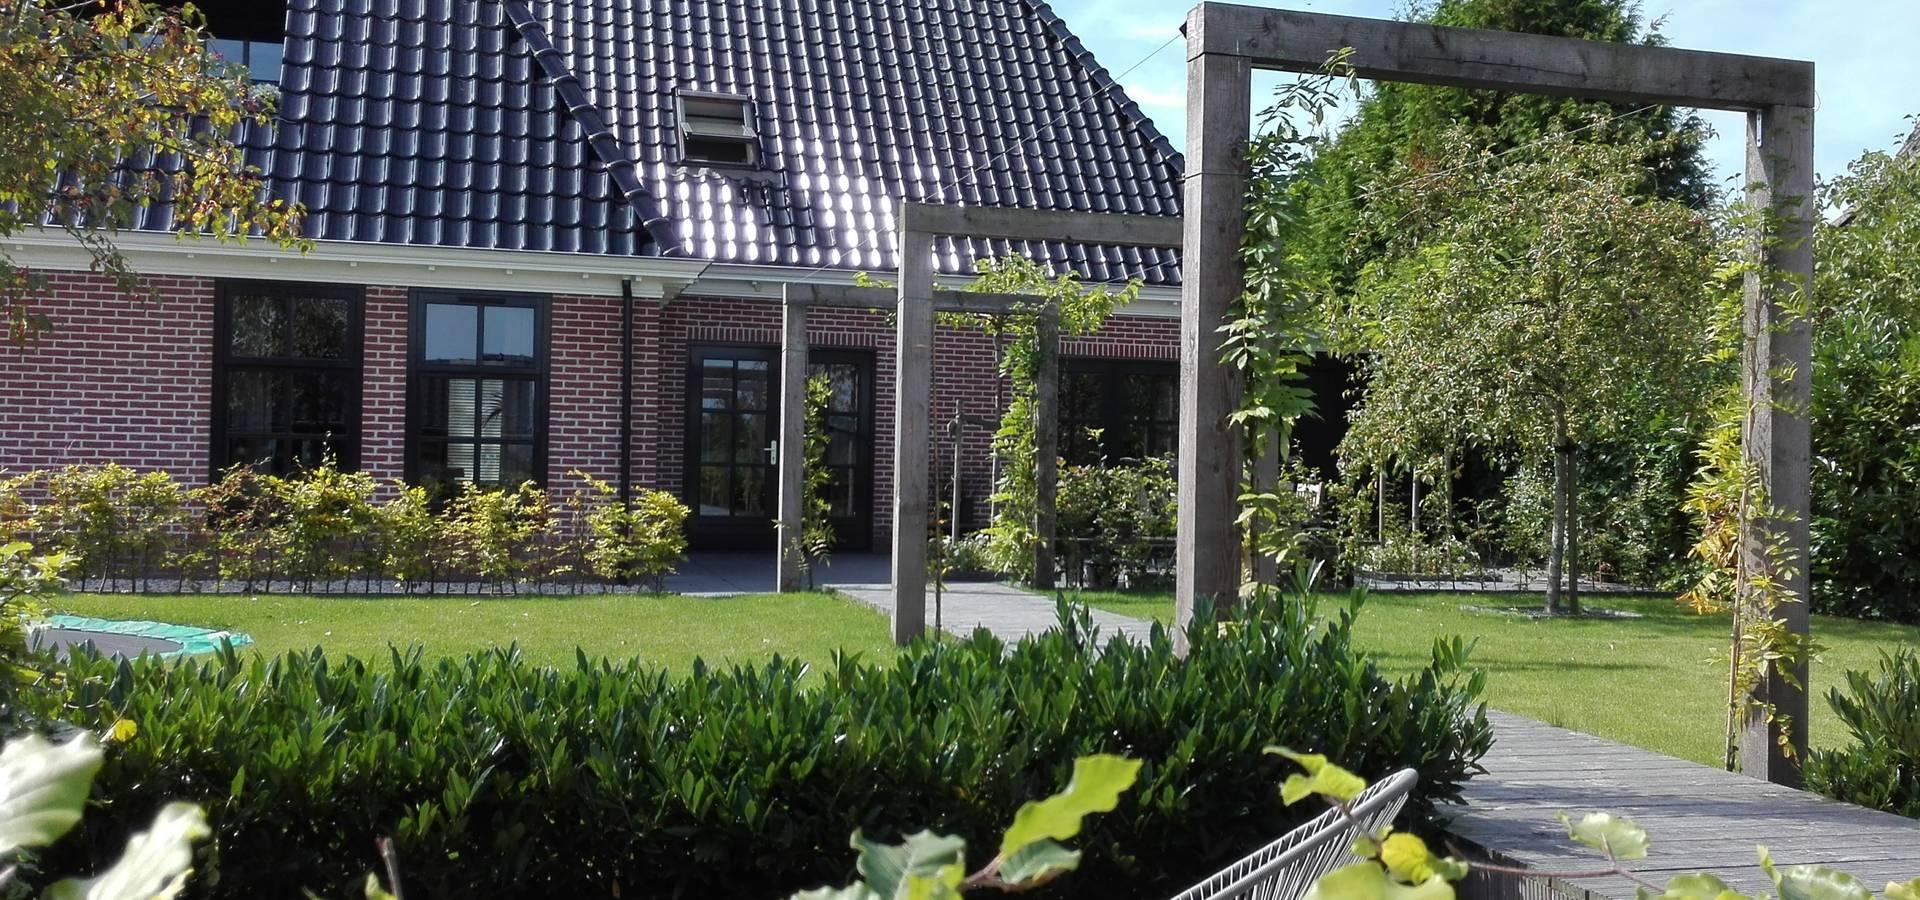 Moderne landelijke tuin aan het water door joke gerritsma tuinontwerpen homify - Omslag van pergola ...